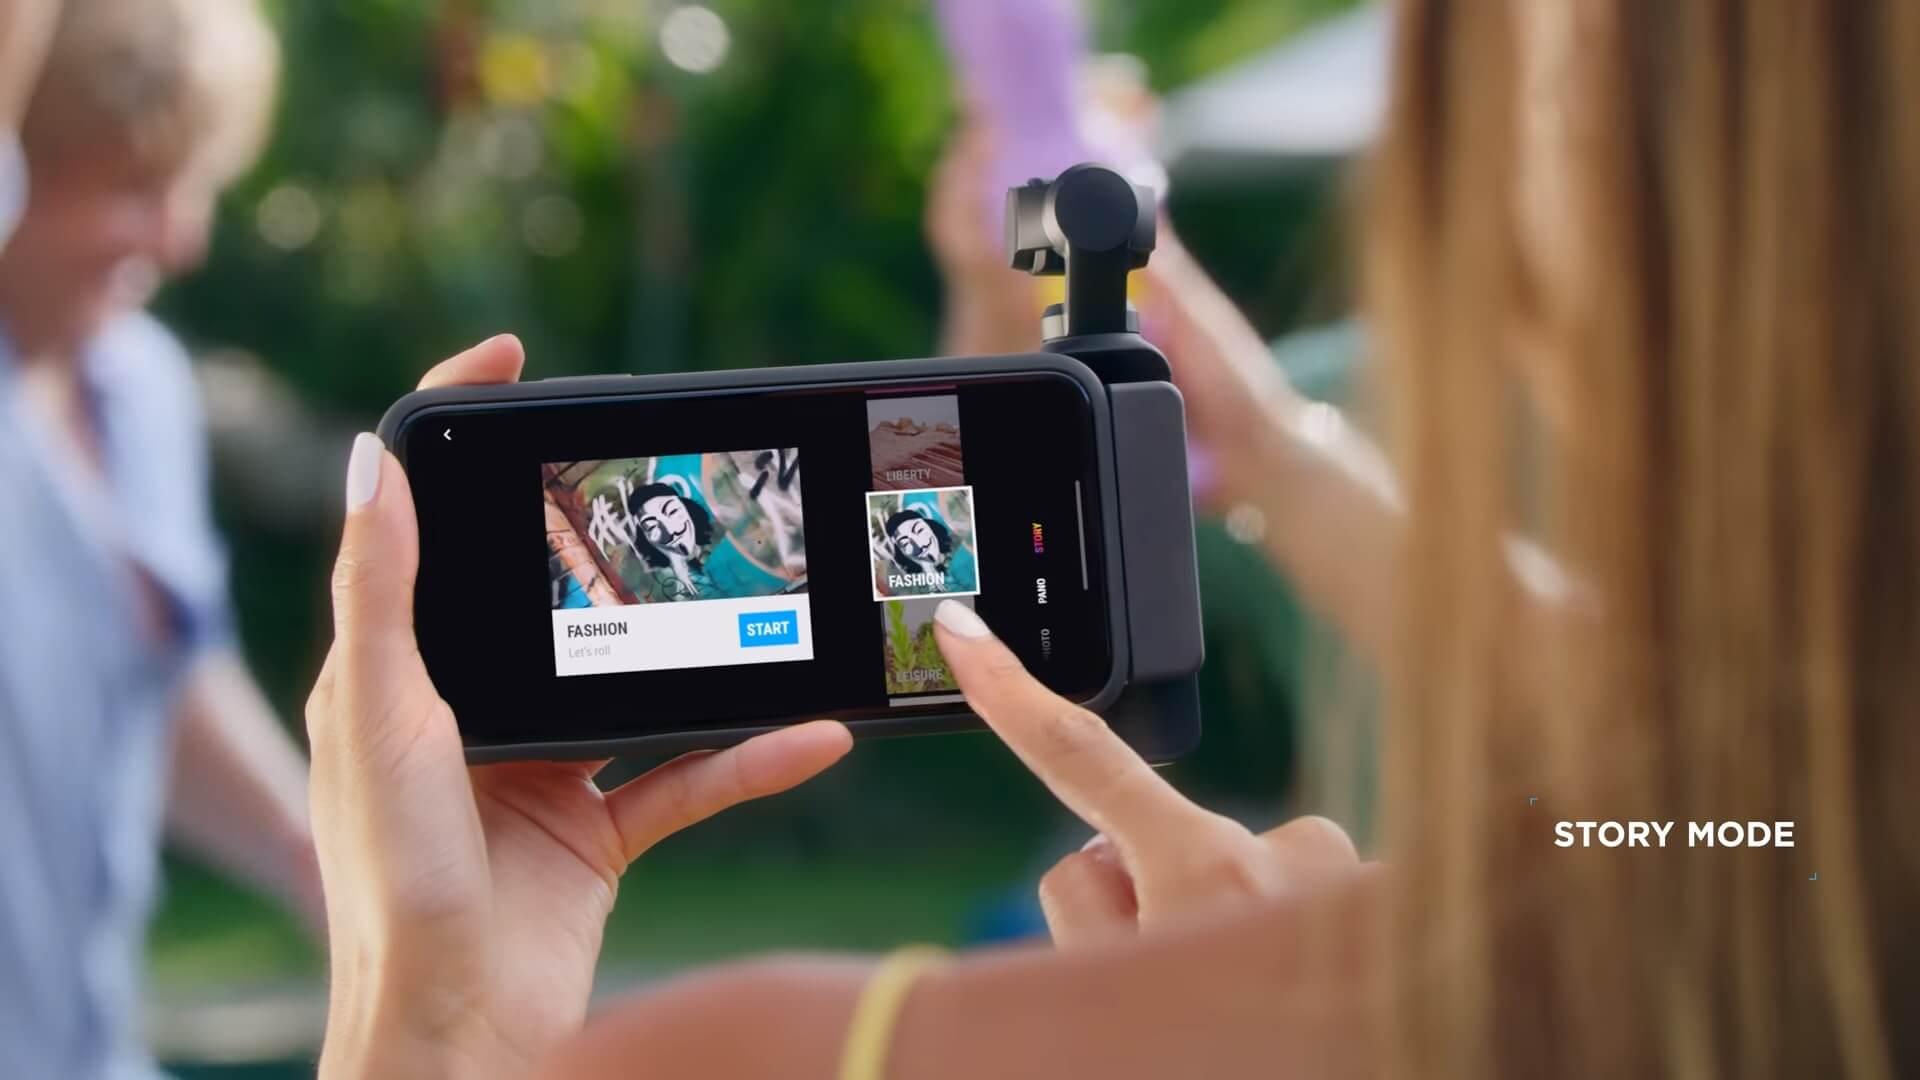 Картинки по запросу story mode mimo app